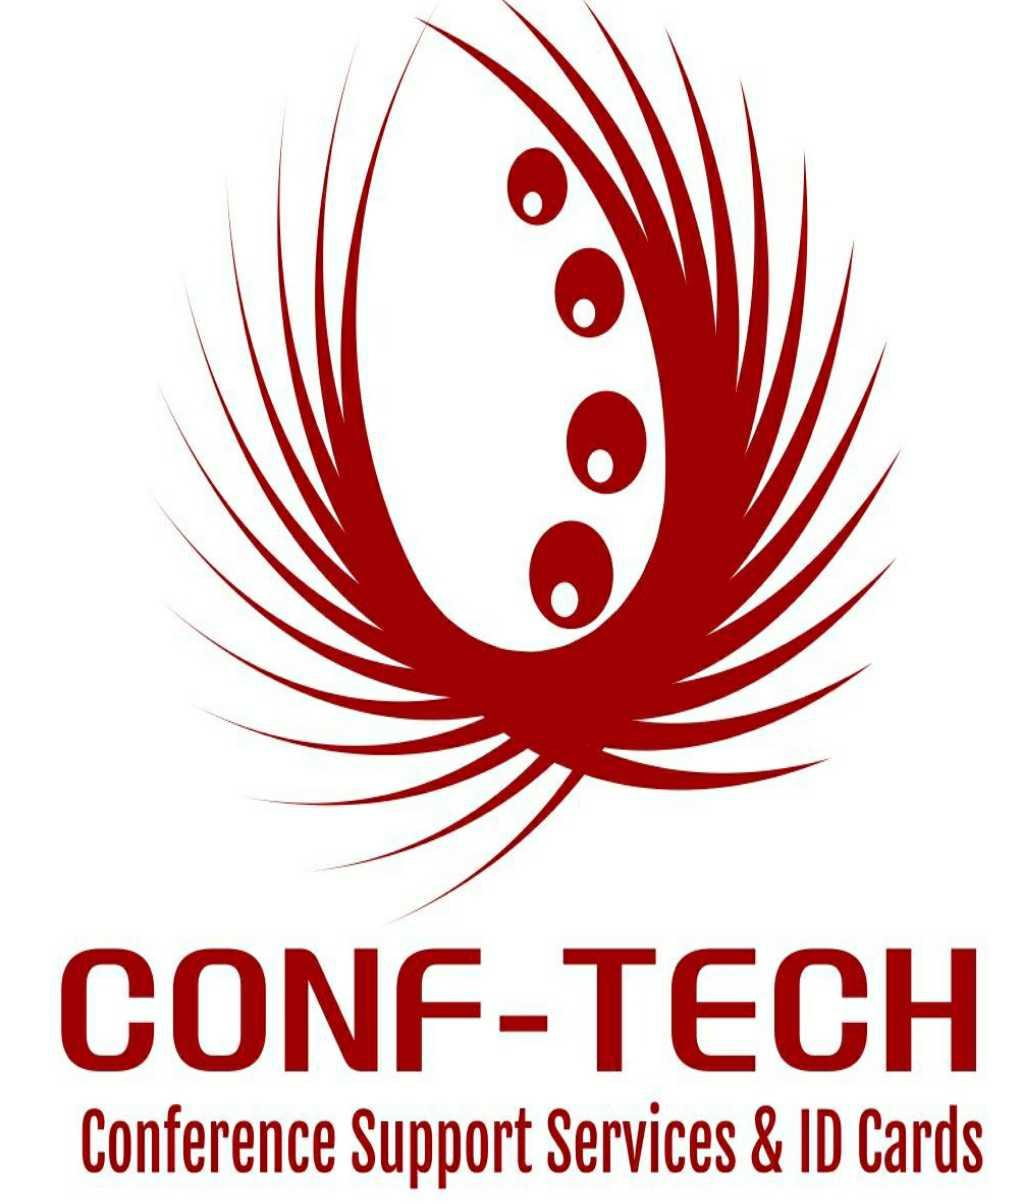 CONF-TECH